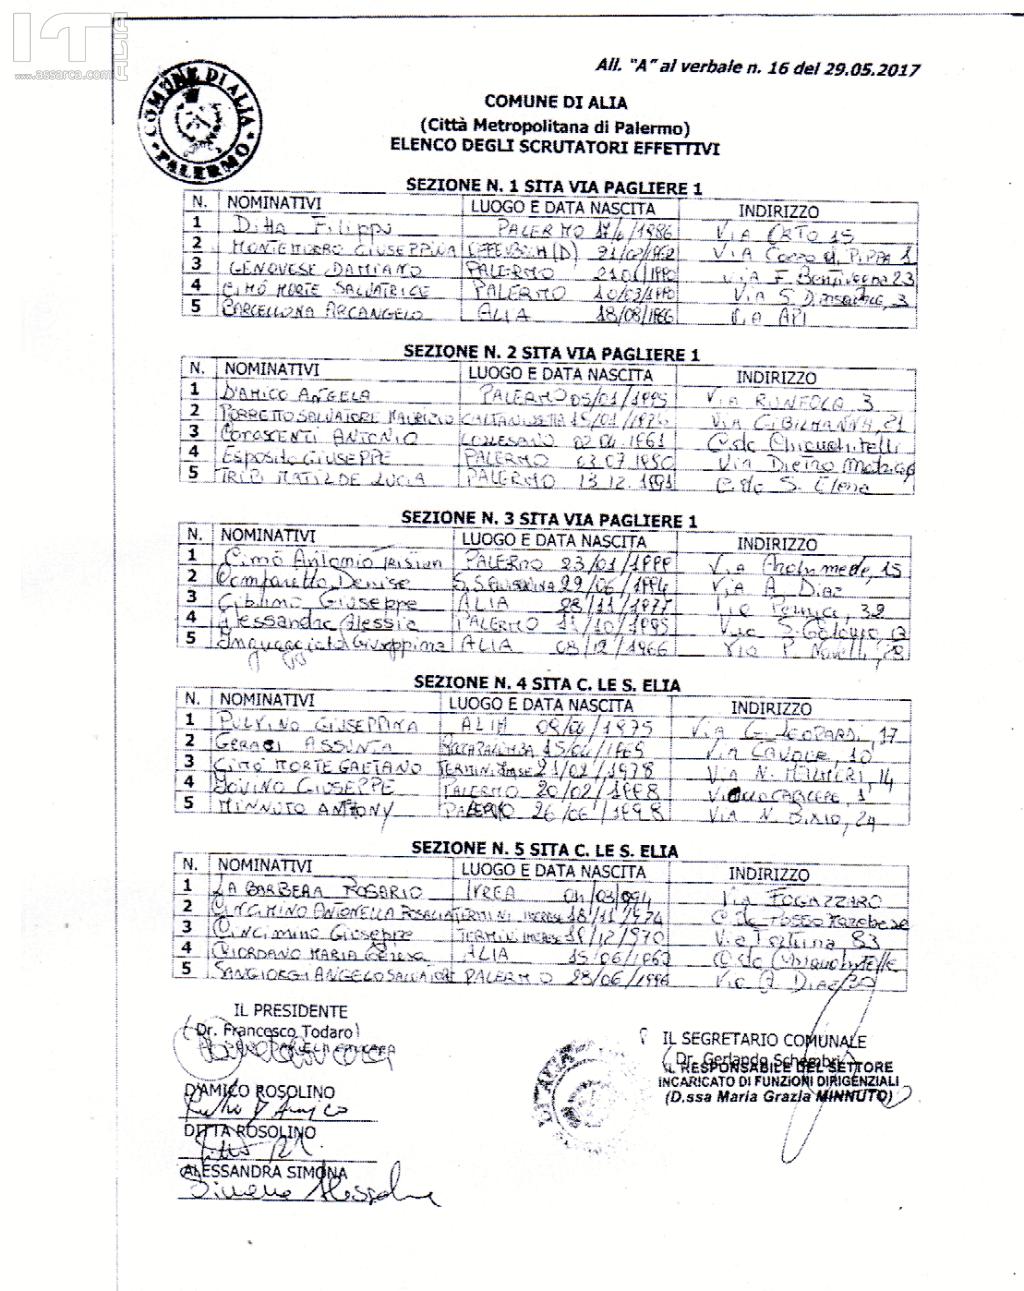 Nomina scrutatori elezioni amministrative 11 giugno 2017.